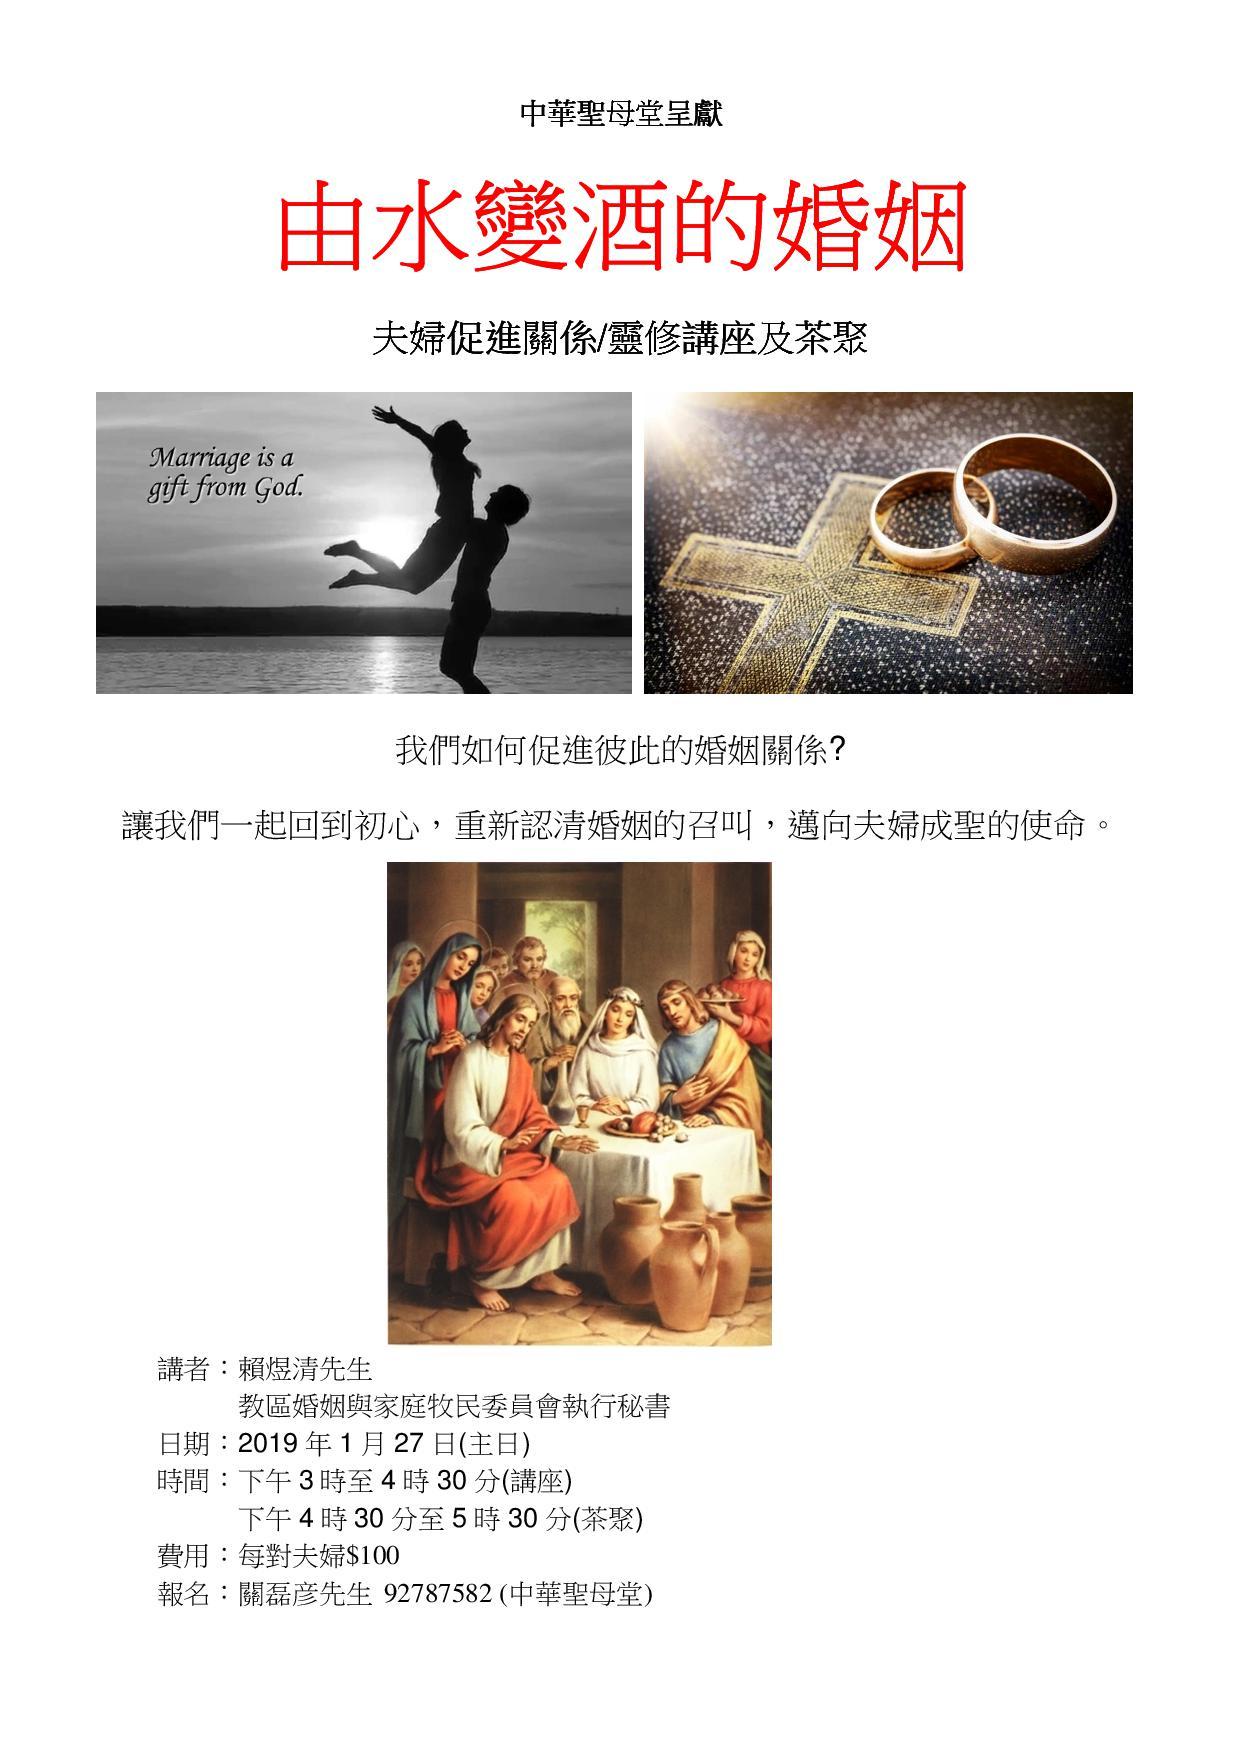 由水變酒的婚姻(夫婦促進關係/靈修講座及茶聚)-中華聖母堂